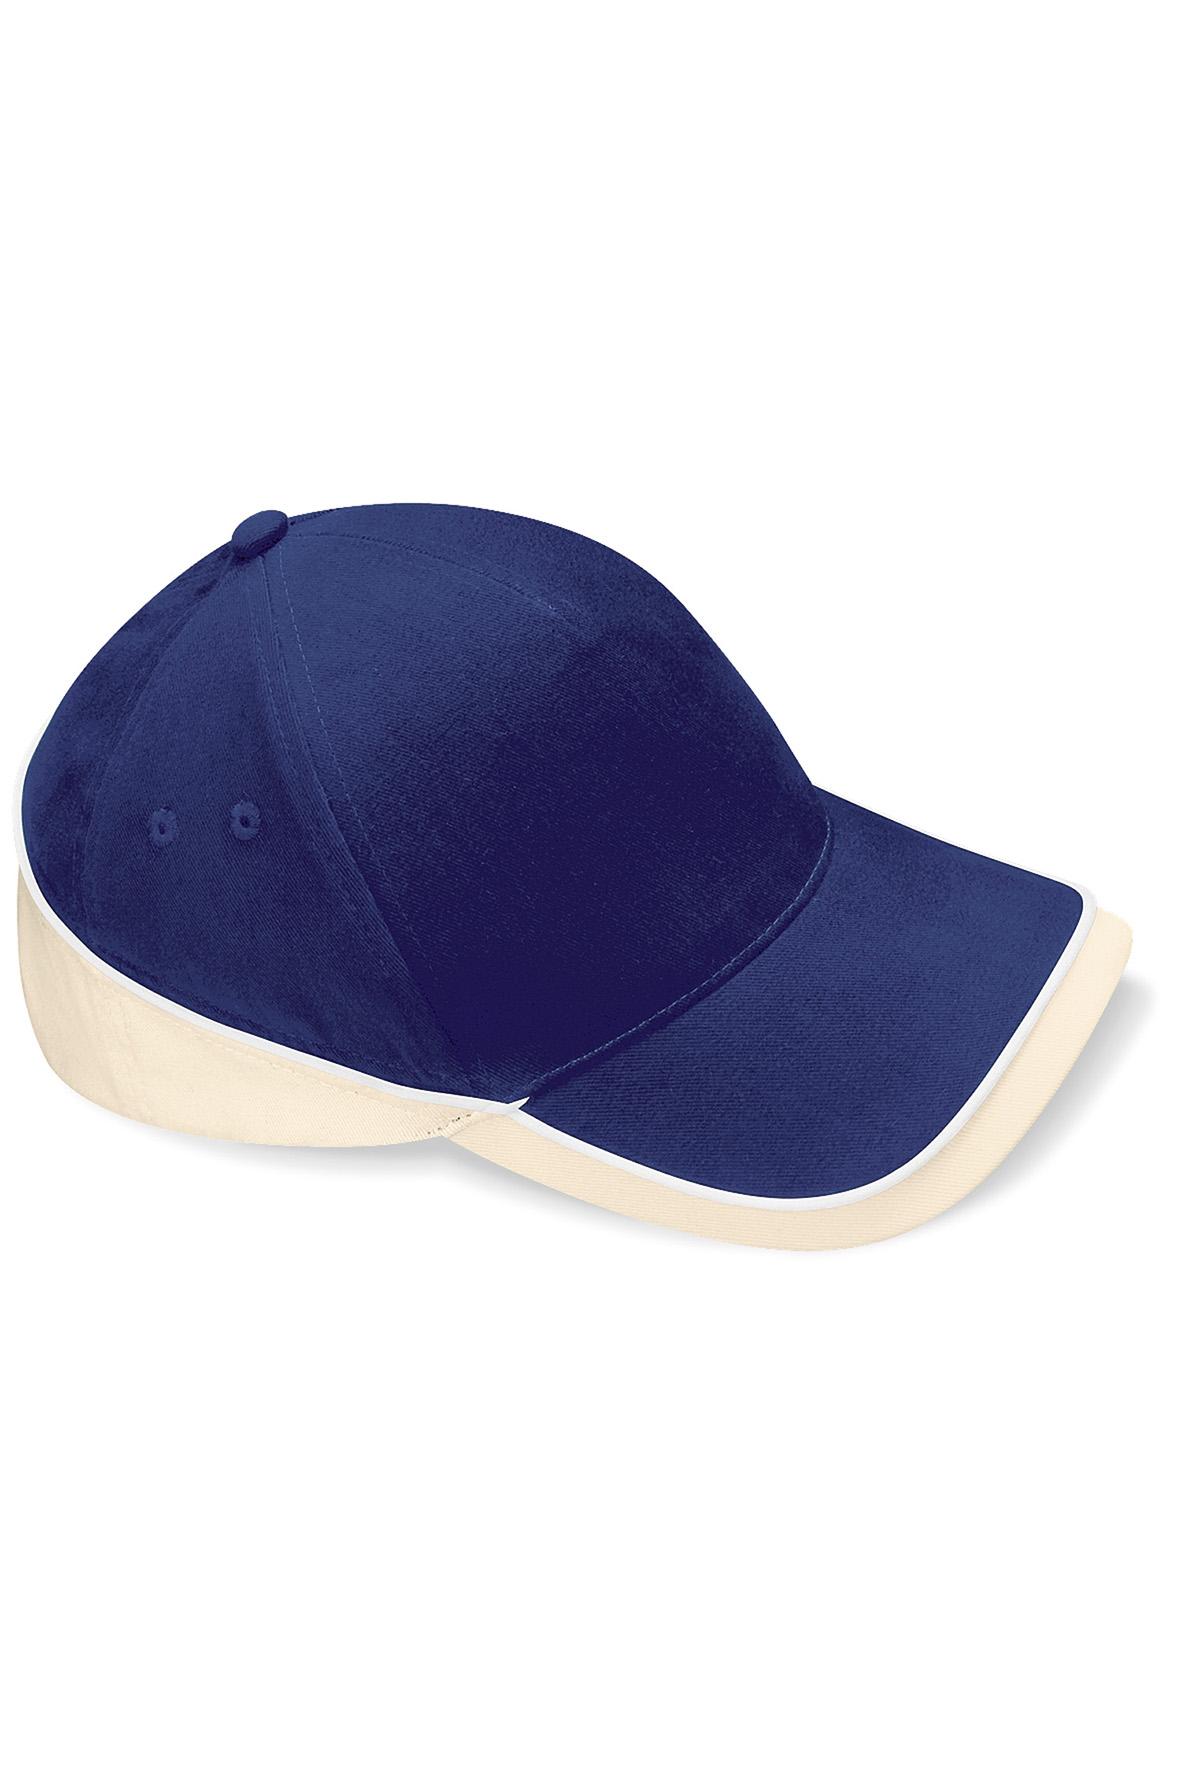 Teamwear Lippis French Navy - Putty - Valkoinen